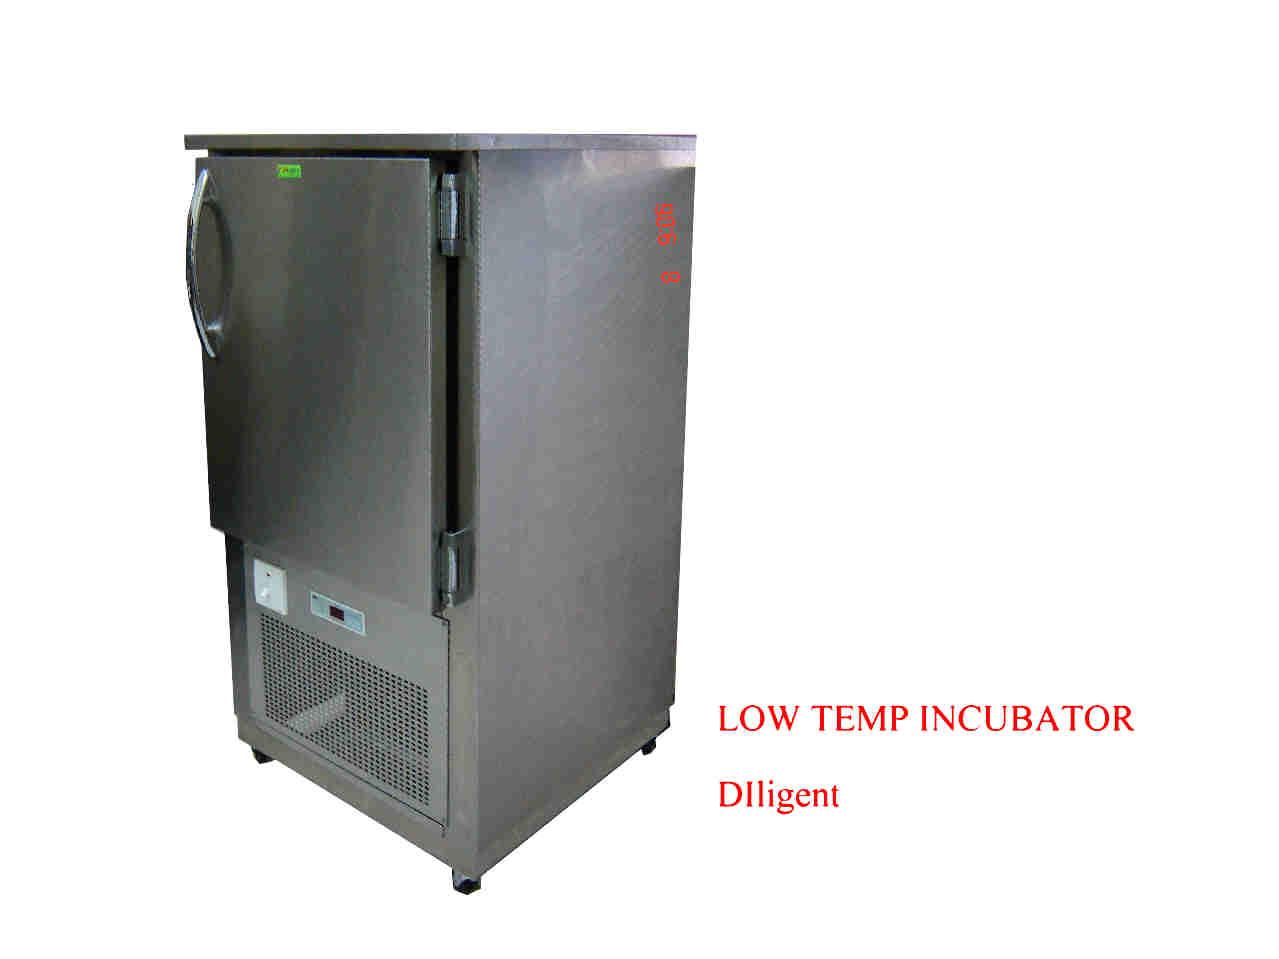 Shaker ตู้บ่มเชื้อ ตู้เพาะเชื้อตู้บ่มเชื้อ ตู้เพาะเชื้อ ตู้บ่ม Low Temp Incubator Diligent LIN-20